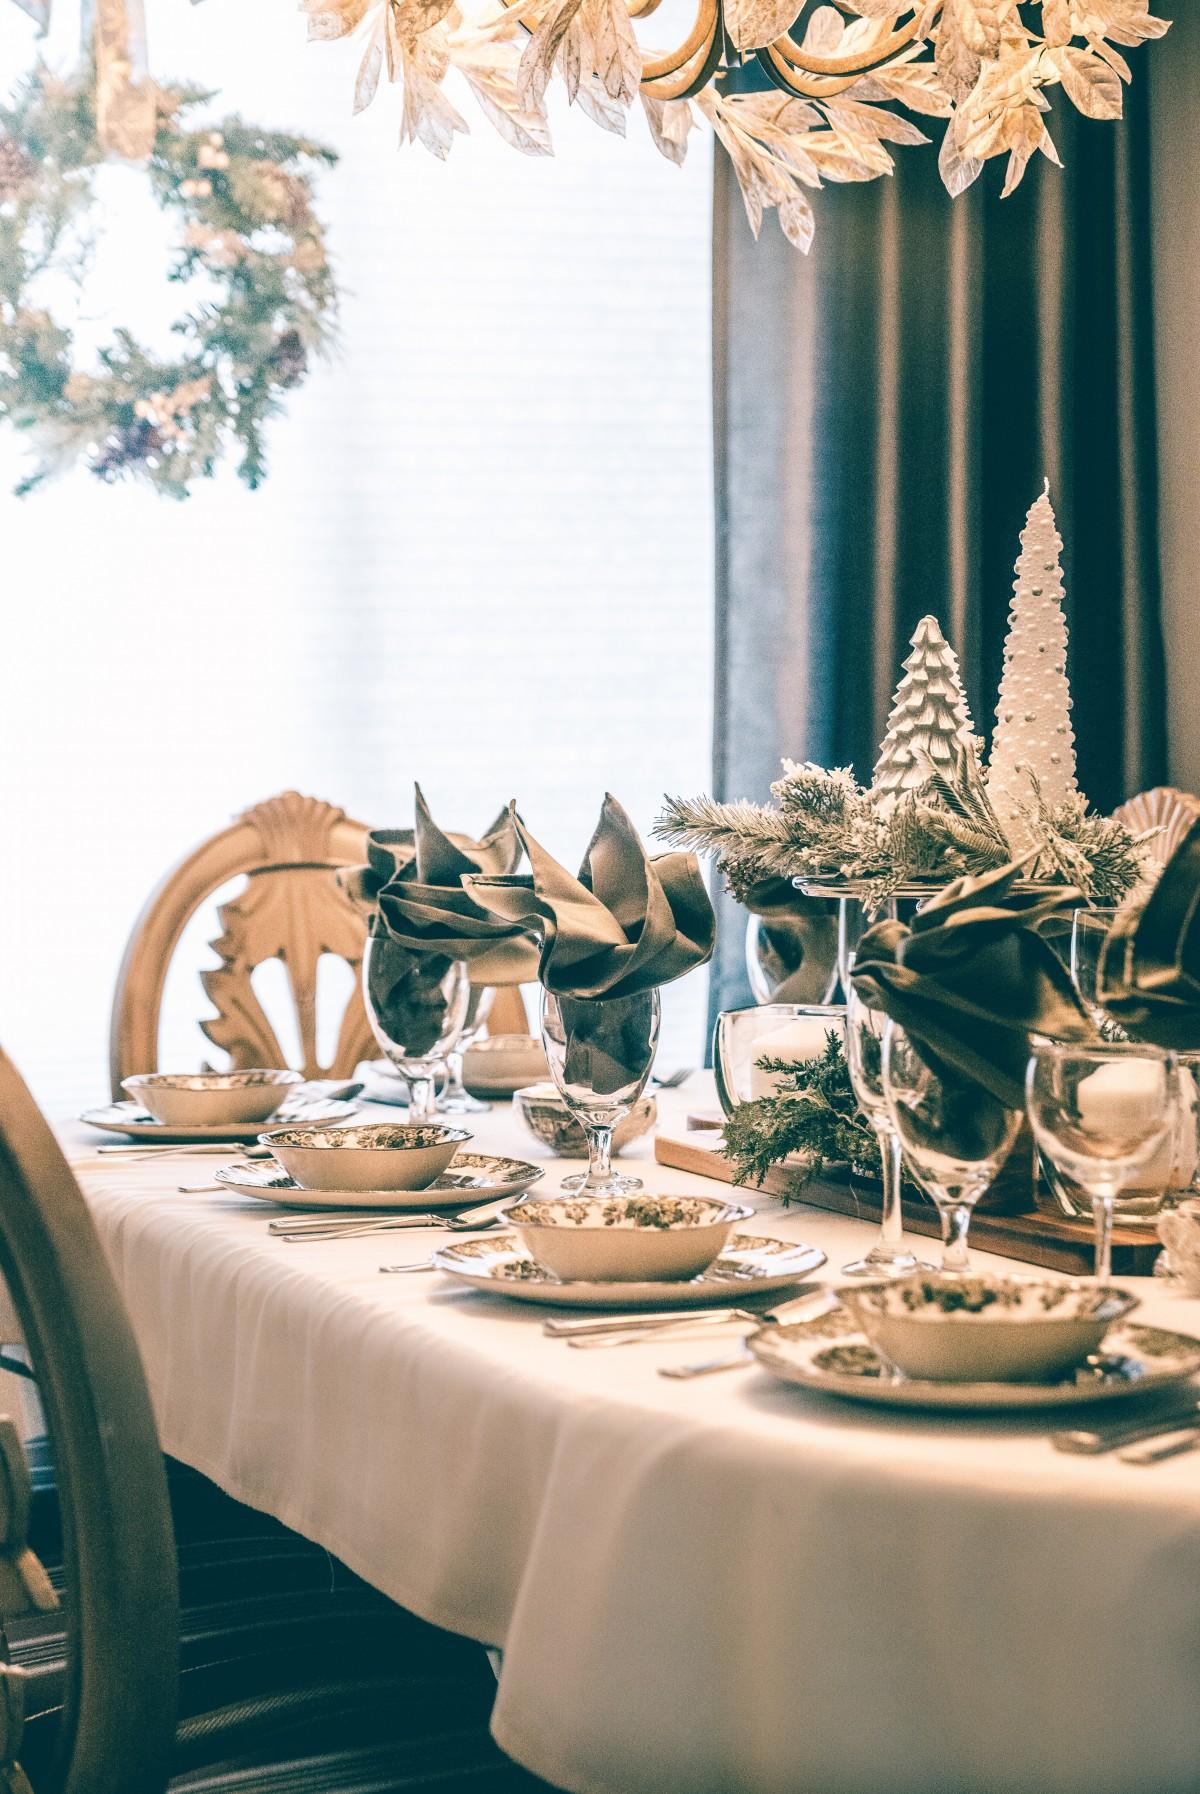 Immagini belle ciotole sedie decorazioni natalizie for Decorazioni da tavolo natalizie